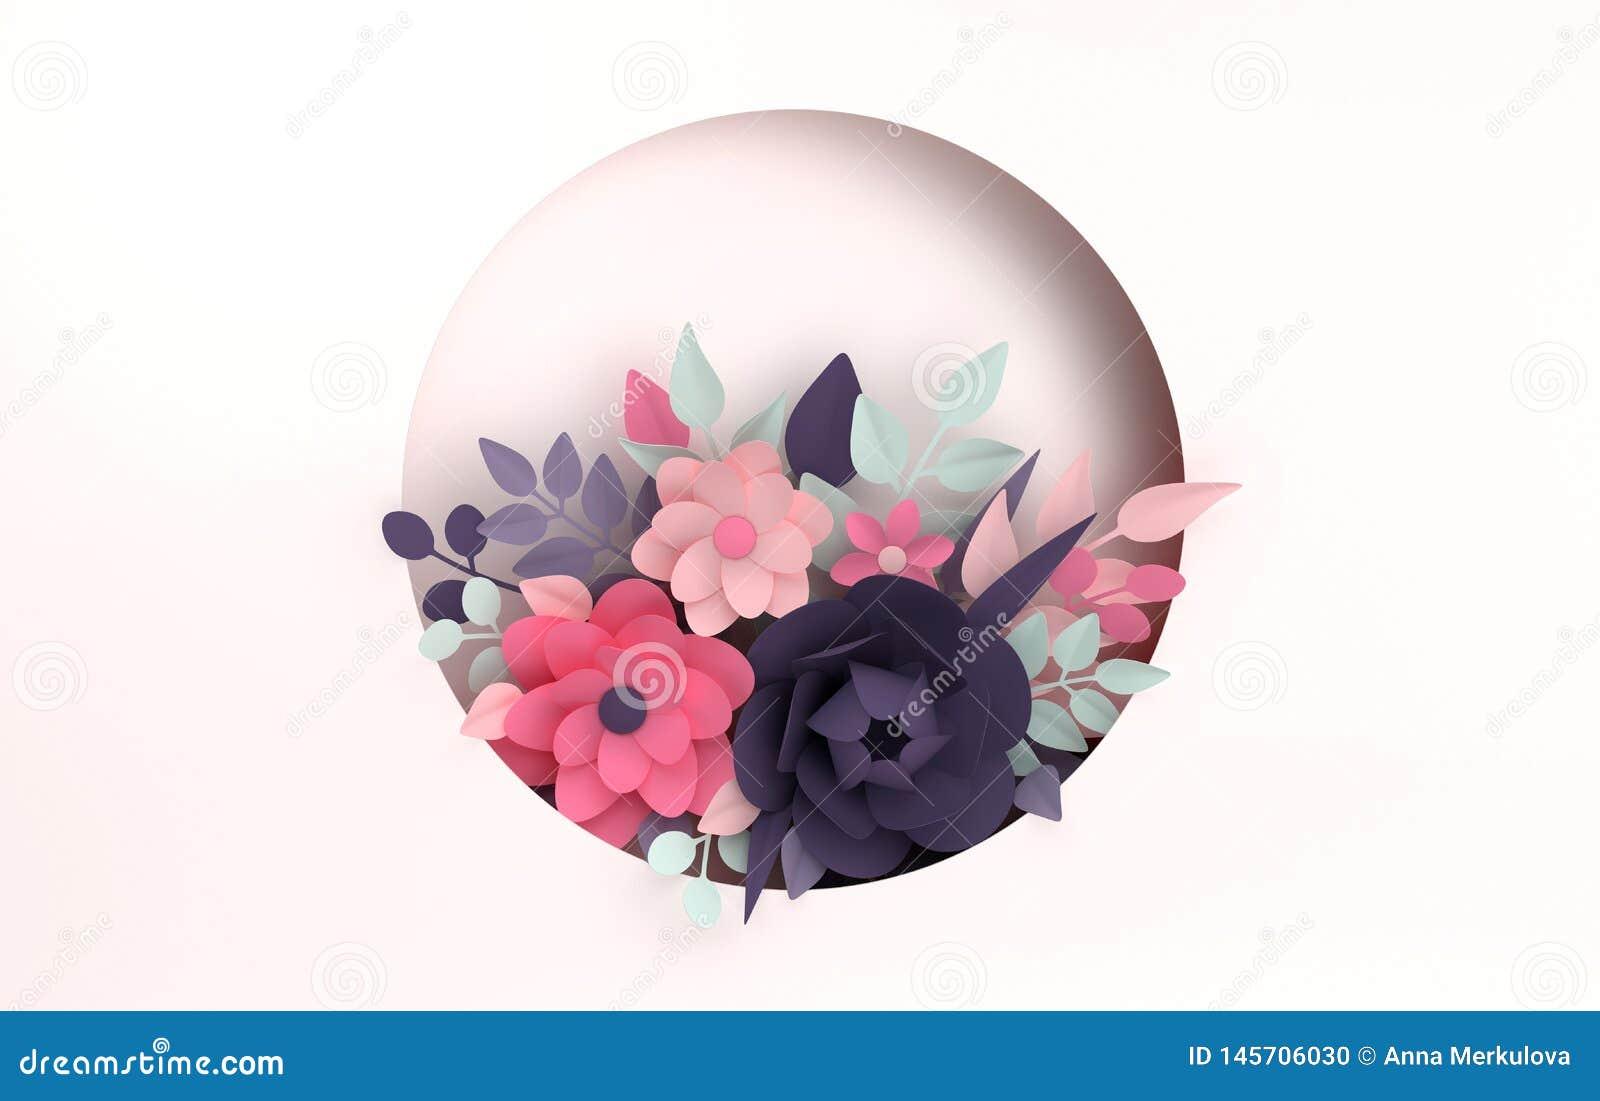 Papierowy kolorowy kwiatu t?o Walentynka dzie?, wielkanoc, matka dzie?, ?lubna kartka z pozdrowieniami 3d odp?acaj? si? cyfrow? w